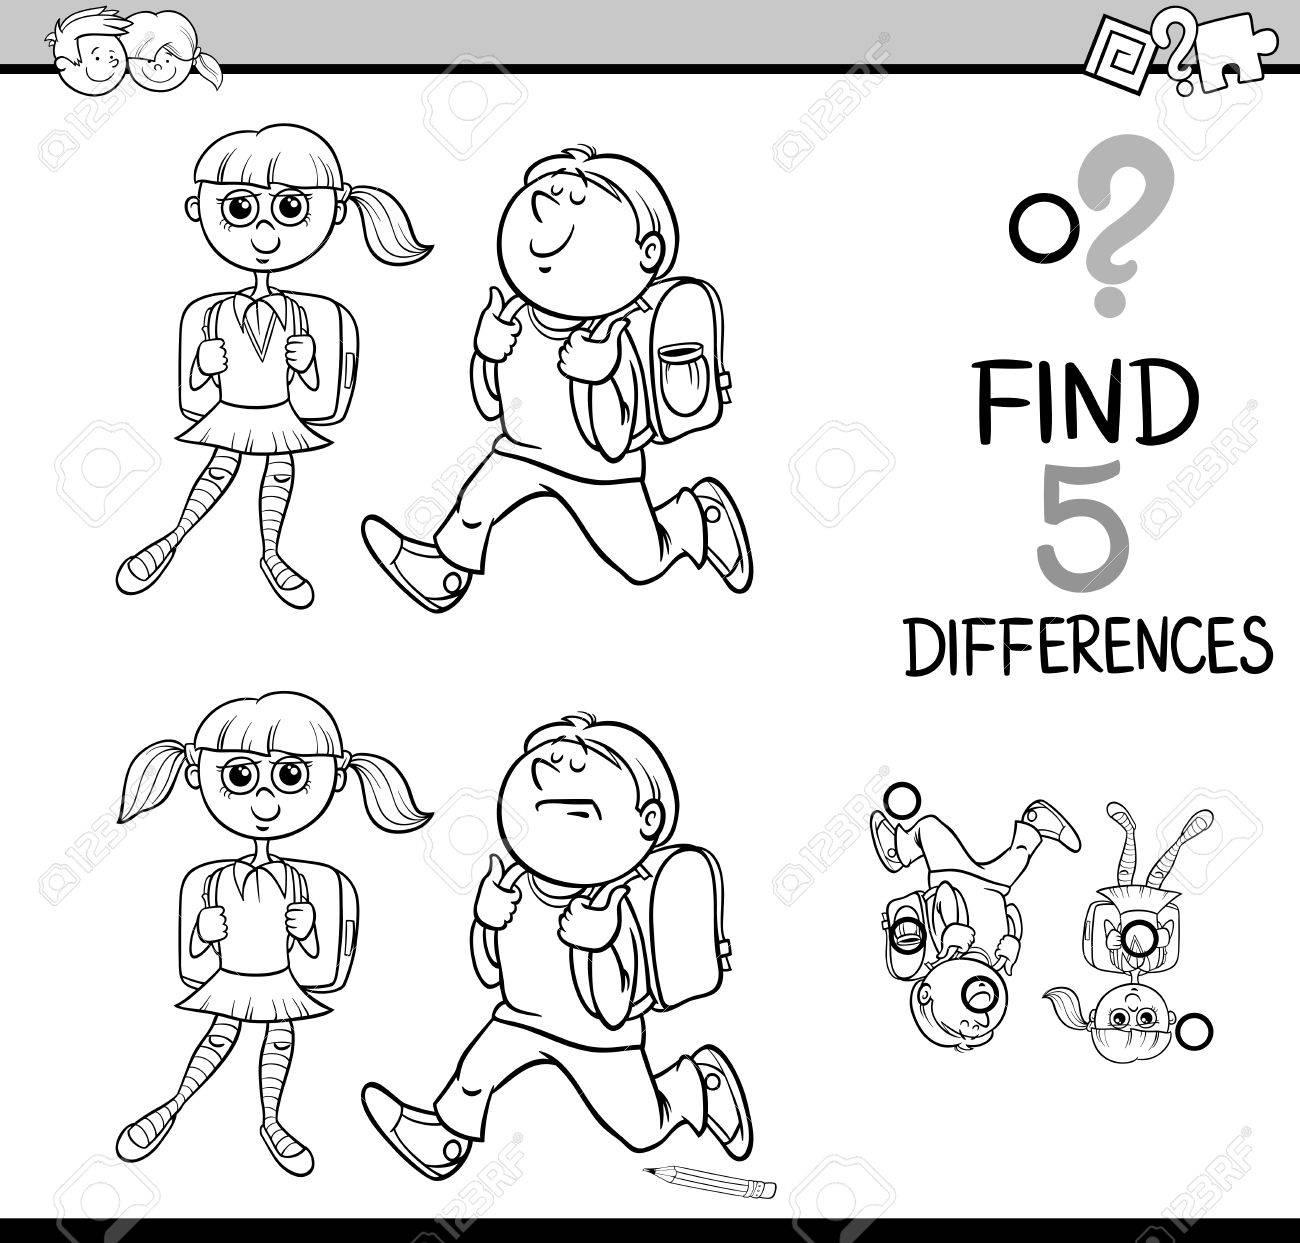 Dibujos Animados De Blanco Y Negro Ilustración De Encontrar Diferencias Actividad Educativa Con Niños En La Escuela Para Colorear Libro